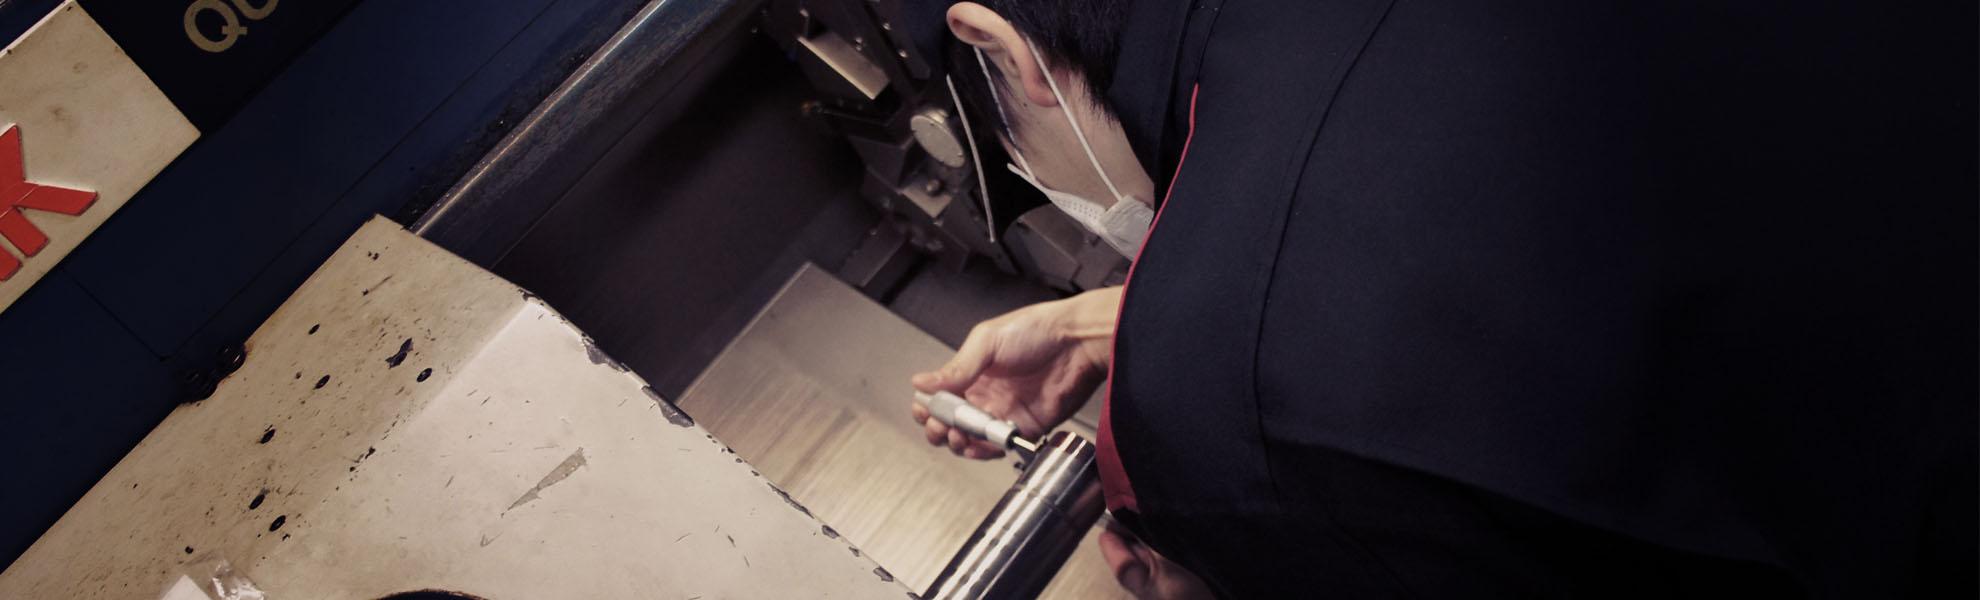 切削・焼入・研磨・表面処理 全加工を少ロットにて対応いたします